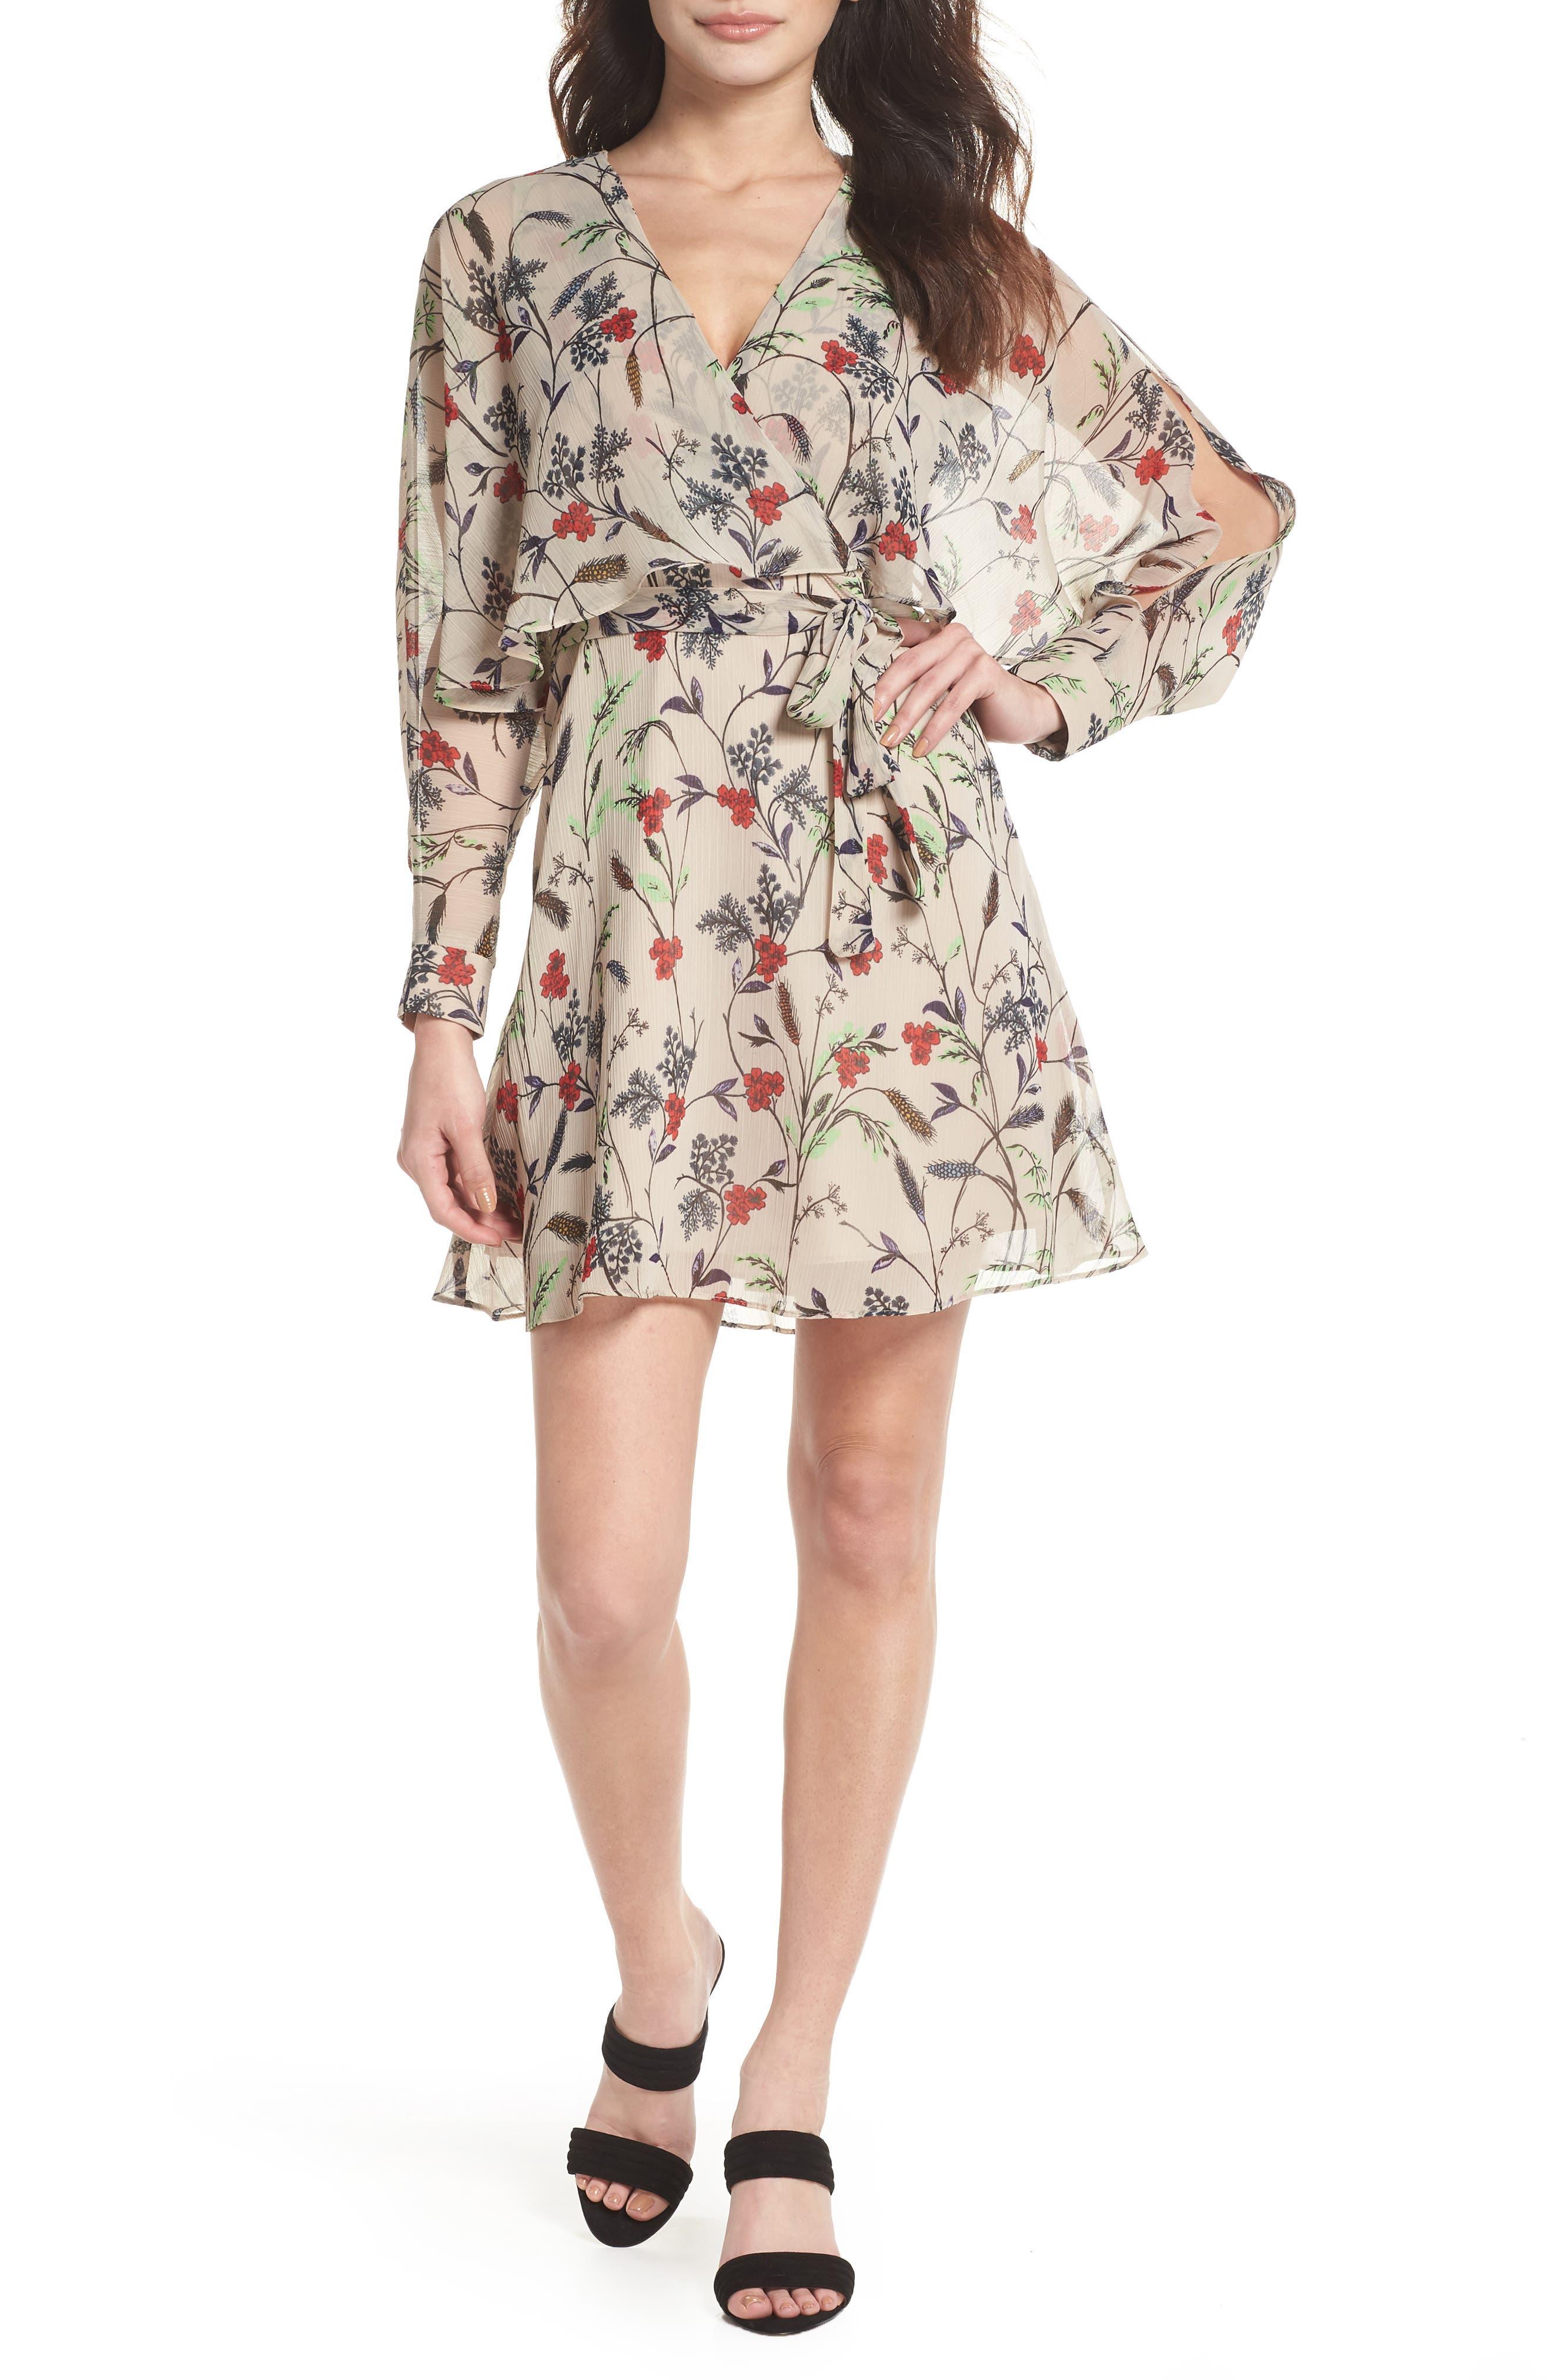 Yoryu Floral Chiffon Dress,                             Main thumbnail 1, color,                             280